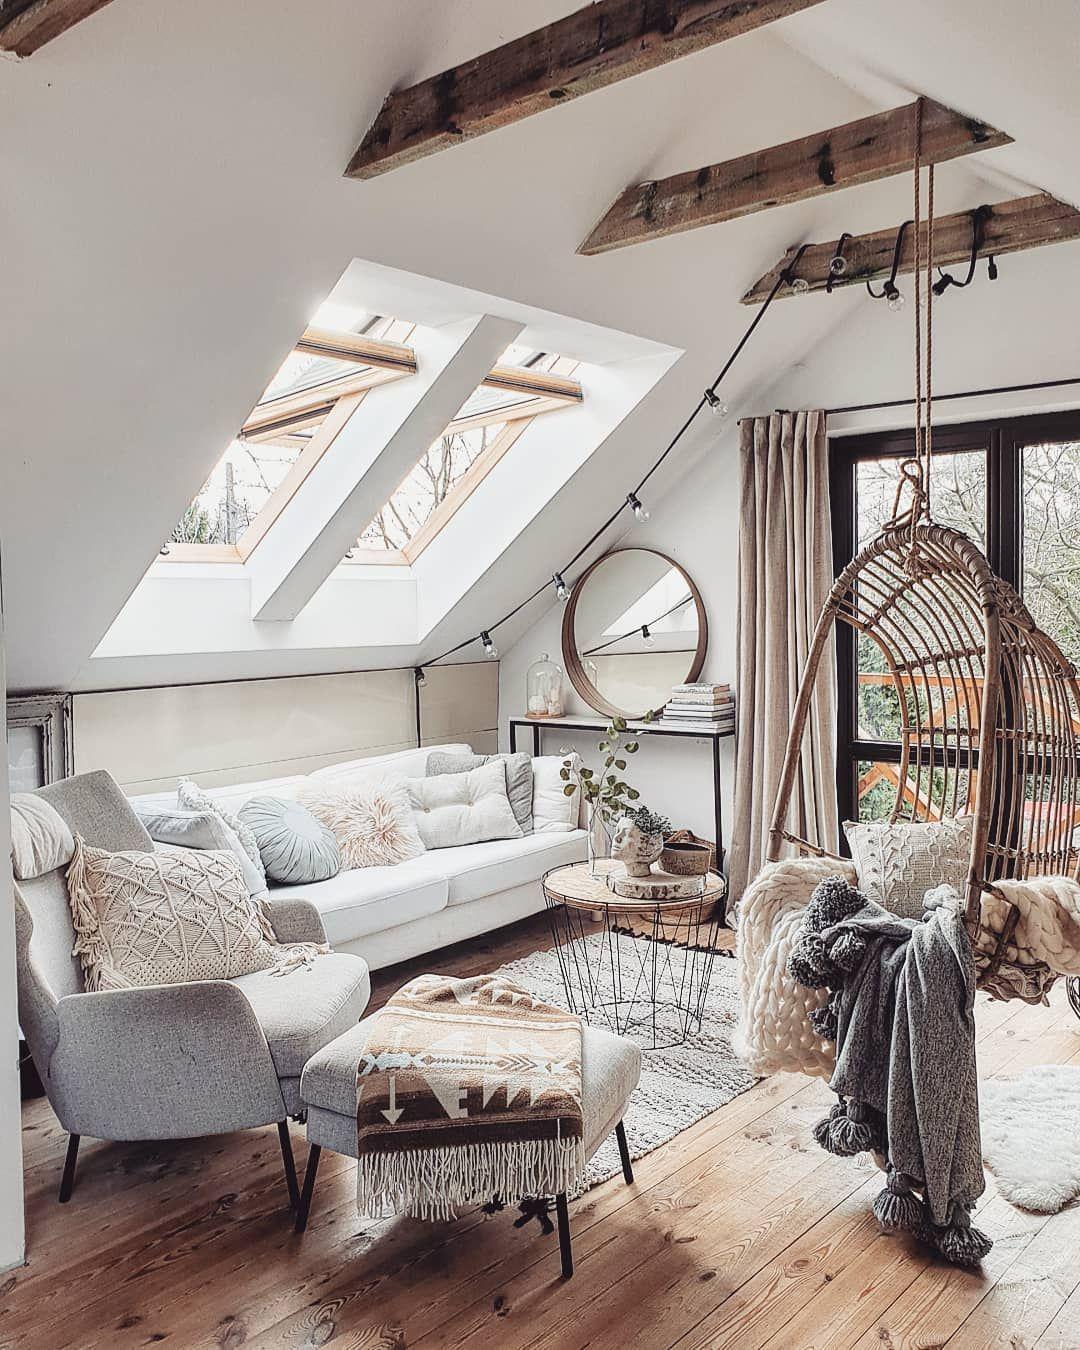 Living Room Home Home Interior Design Room Design